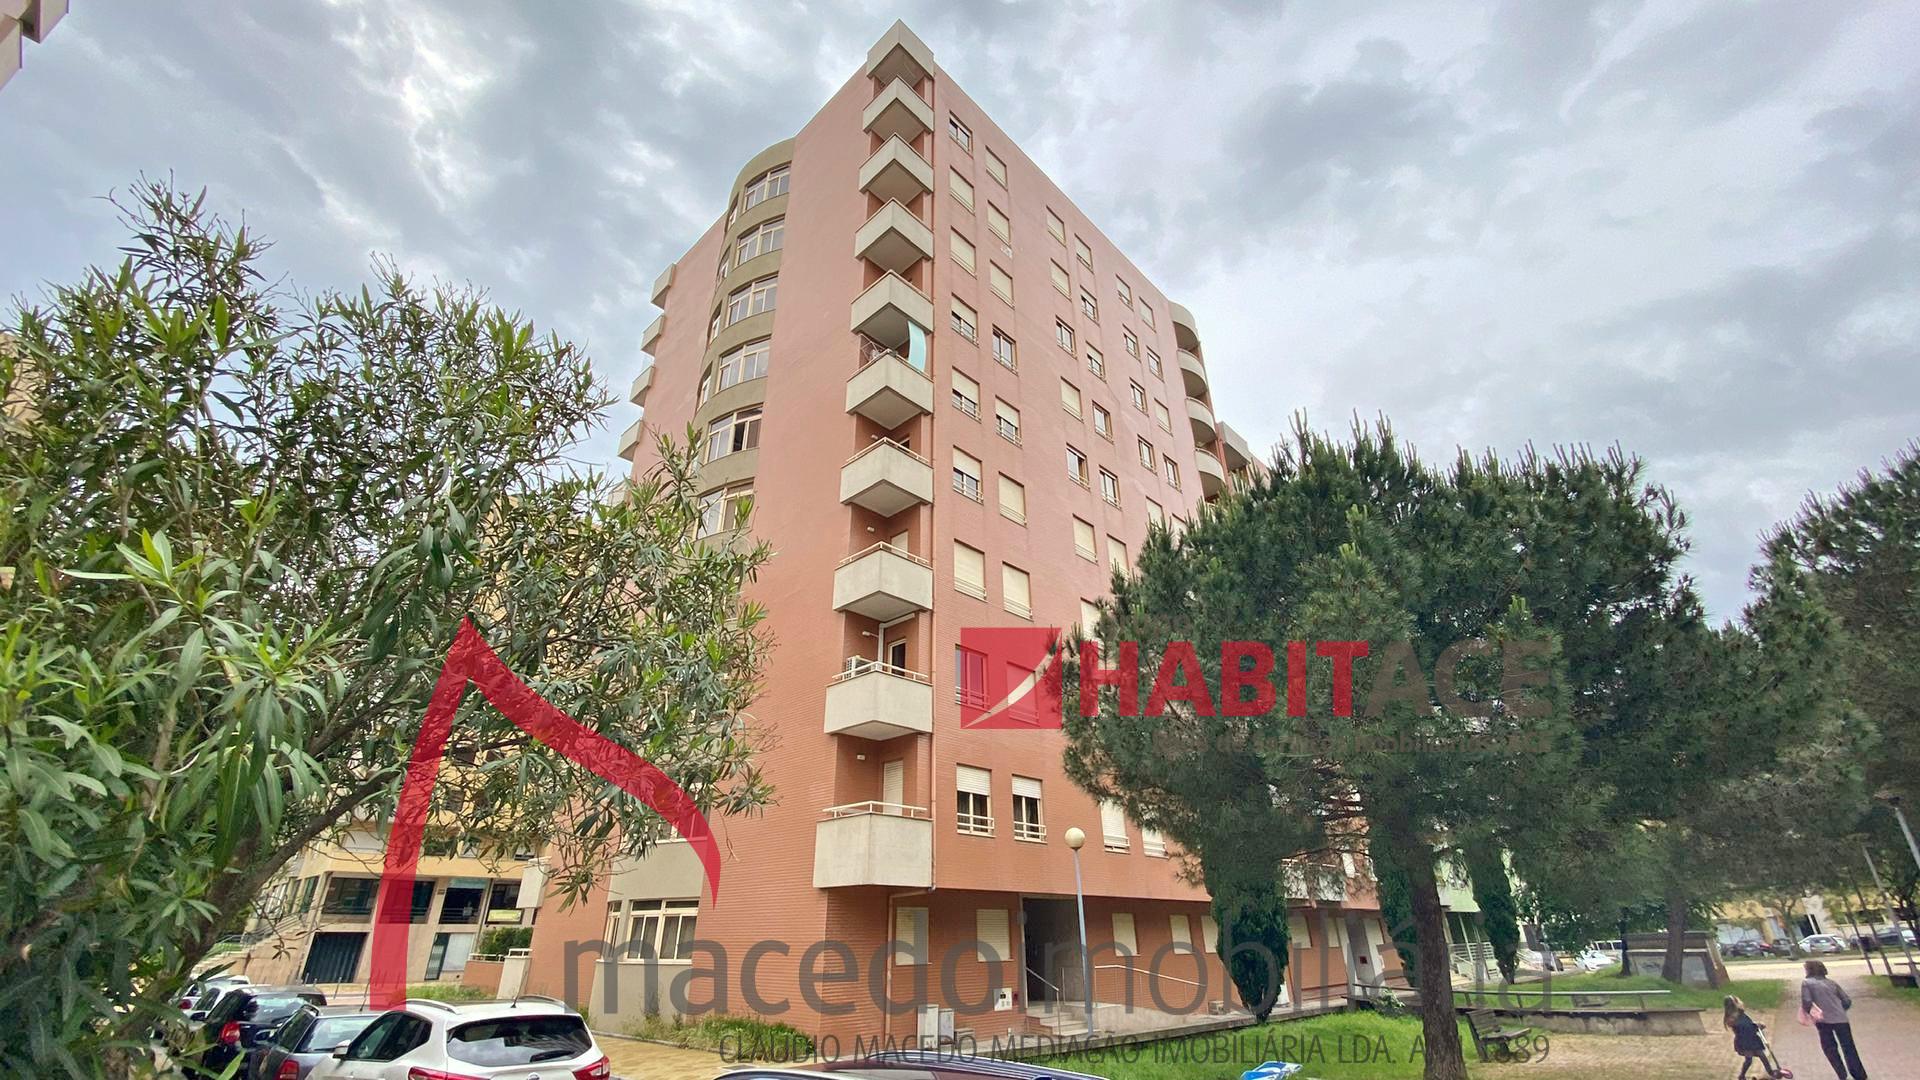 Apartamento T3 remodelado para venda em S. Vitor, zona da Makro